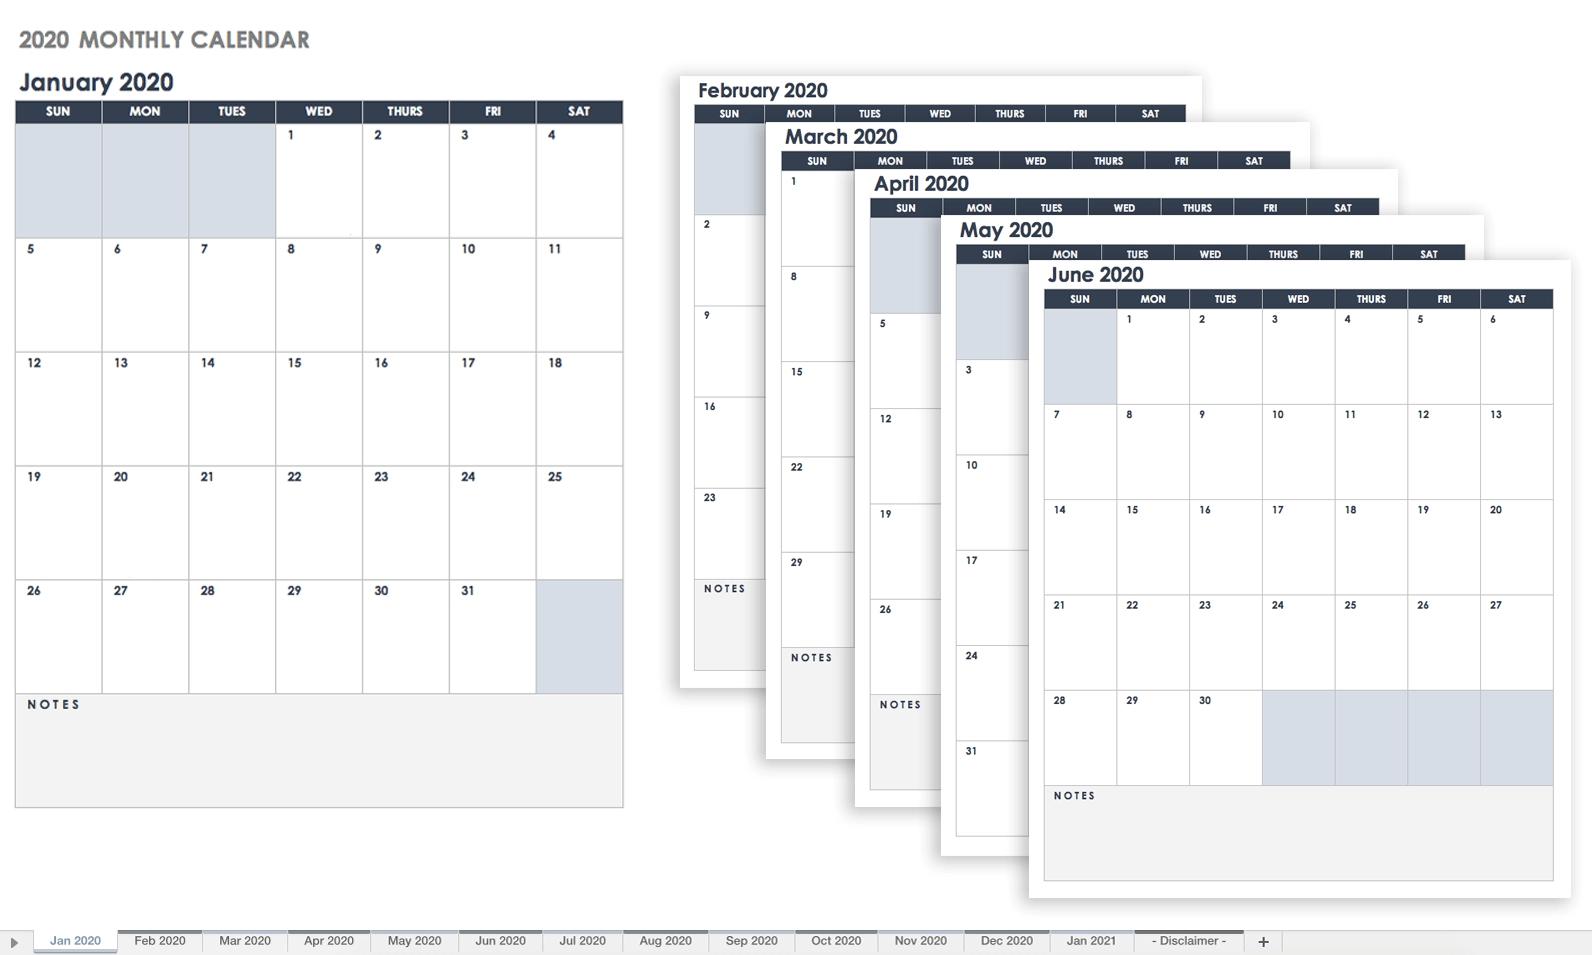 Free Google Calendar Templates | Smartsheet-Template Monthly Calendar 2020.xls